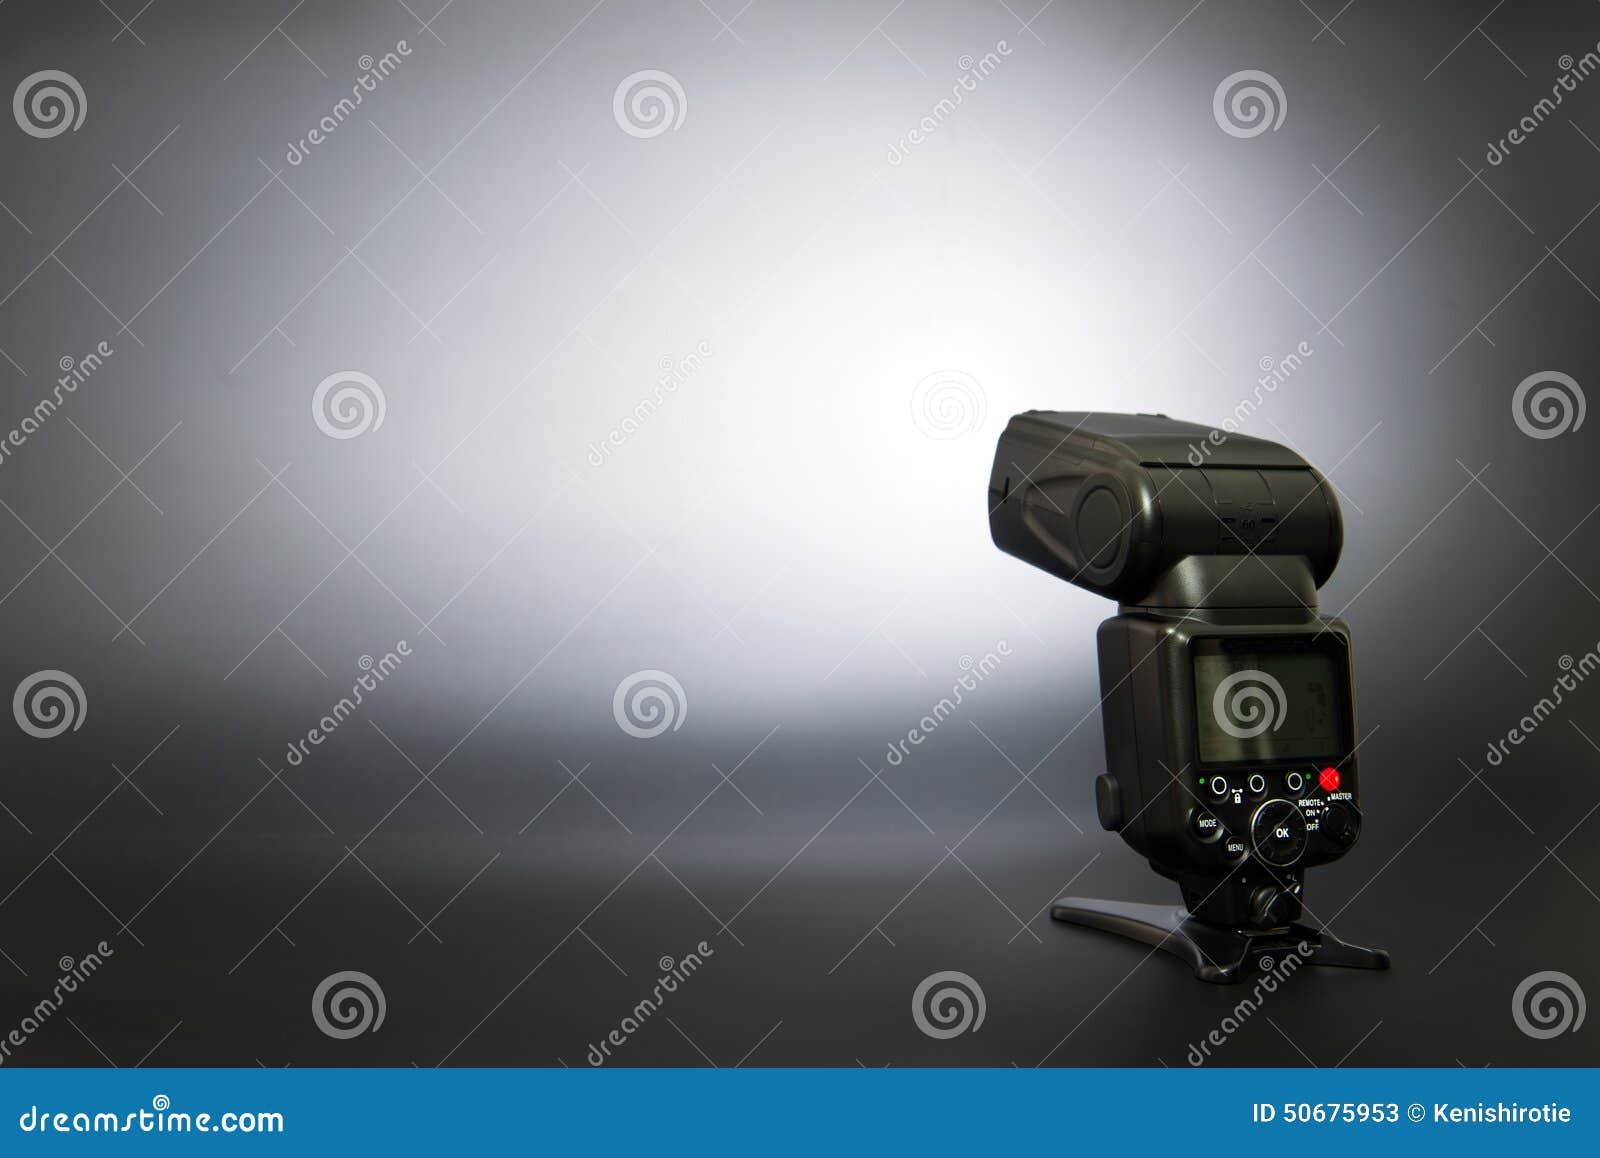 Download 数字照相机闪光 库存图片. 图片 包括有 摄影, 闪光枪, 技术, 对象, 闪光, 聚光灯, 照亮, 影片 - 50675953